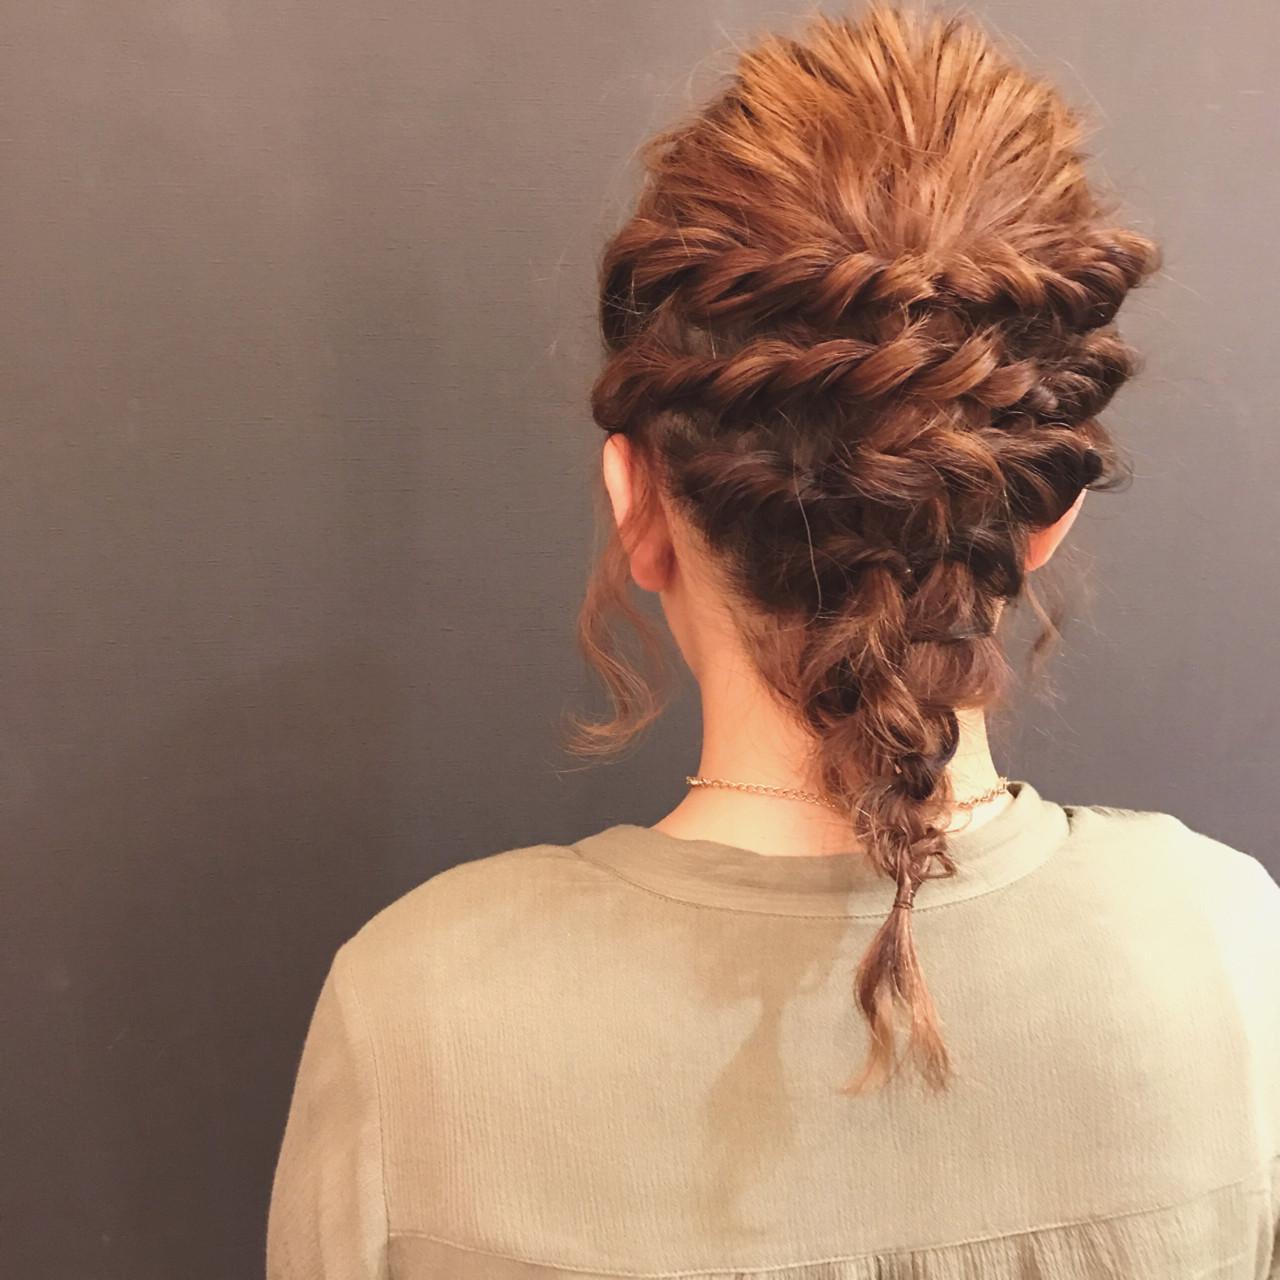 波ウェーブ ヘアアレンジ ミディアム ツイスト ヘアスタイルや髪型の写真・画像